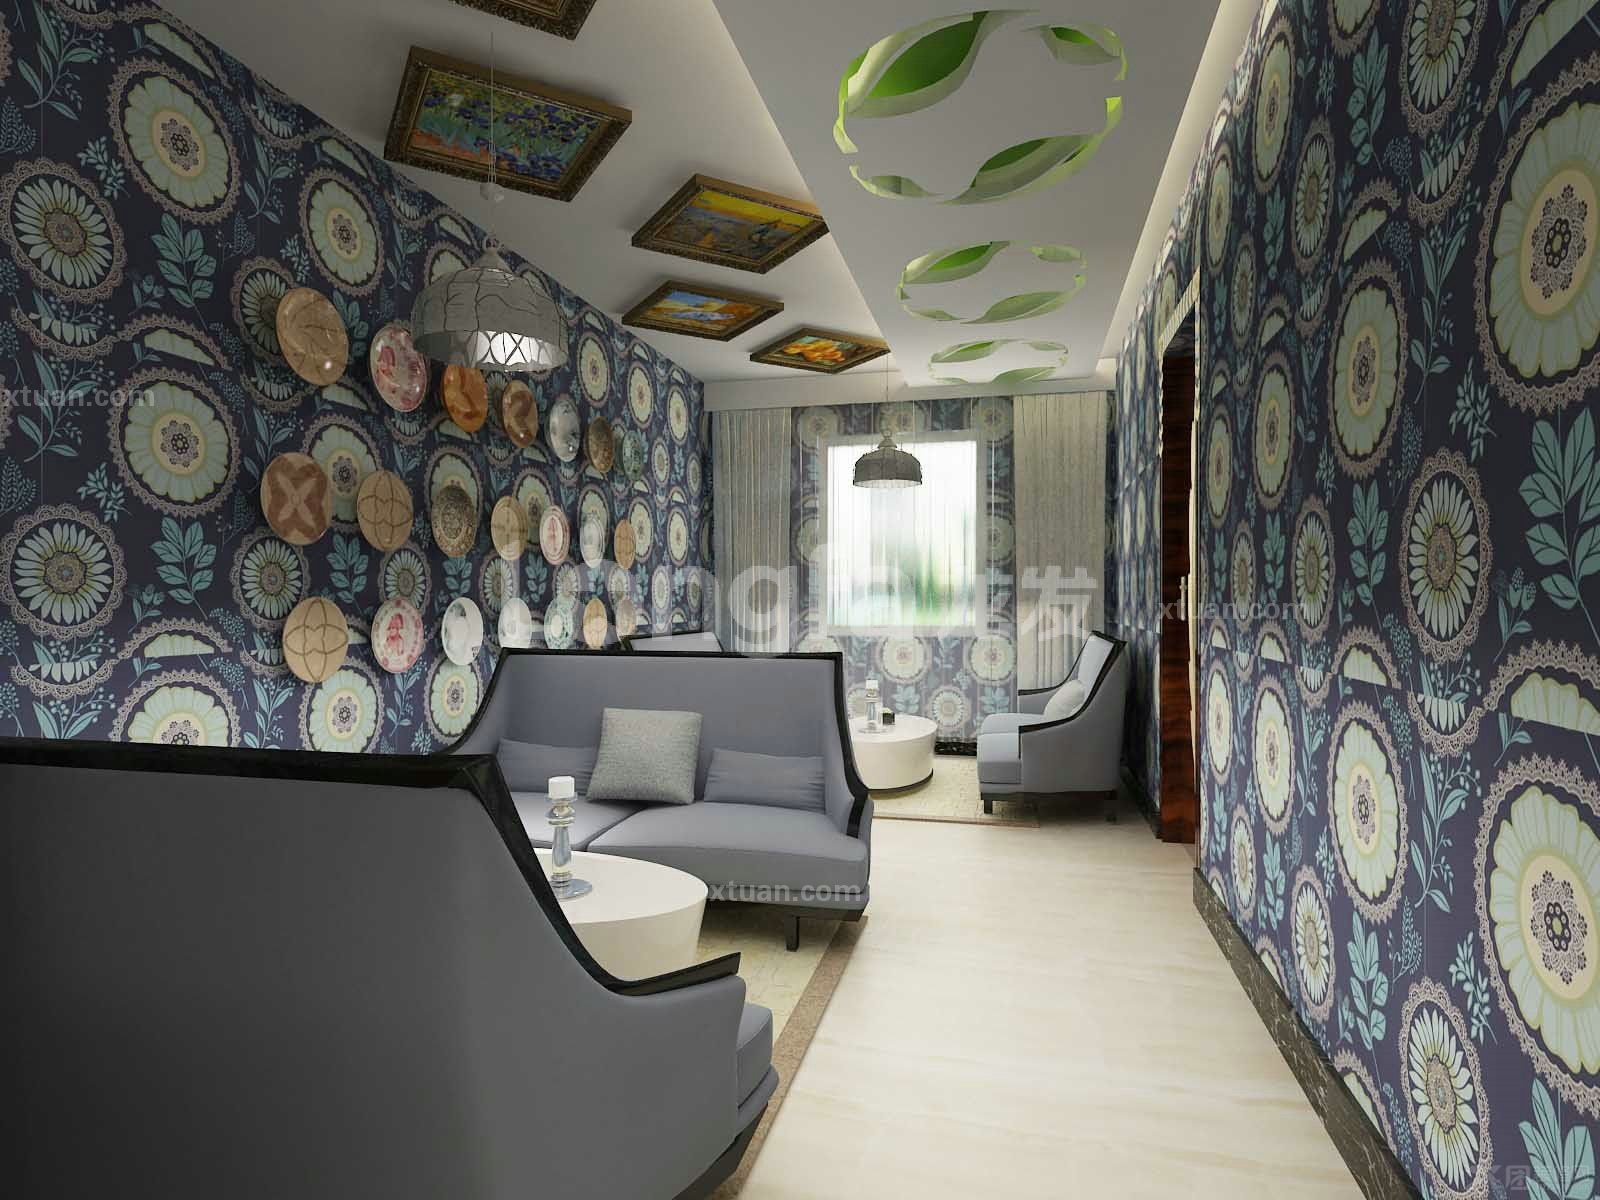 美式风格_咖啡厅设计装修效果图-x团装修网